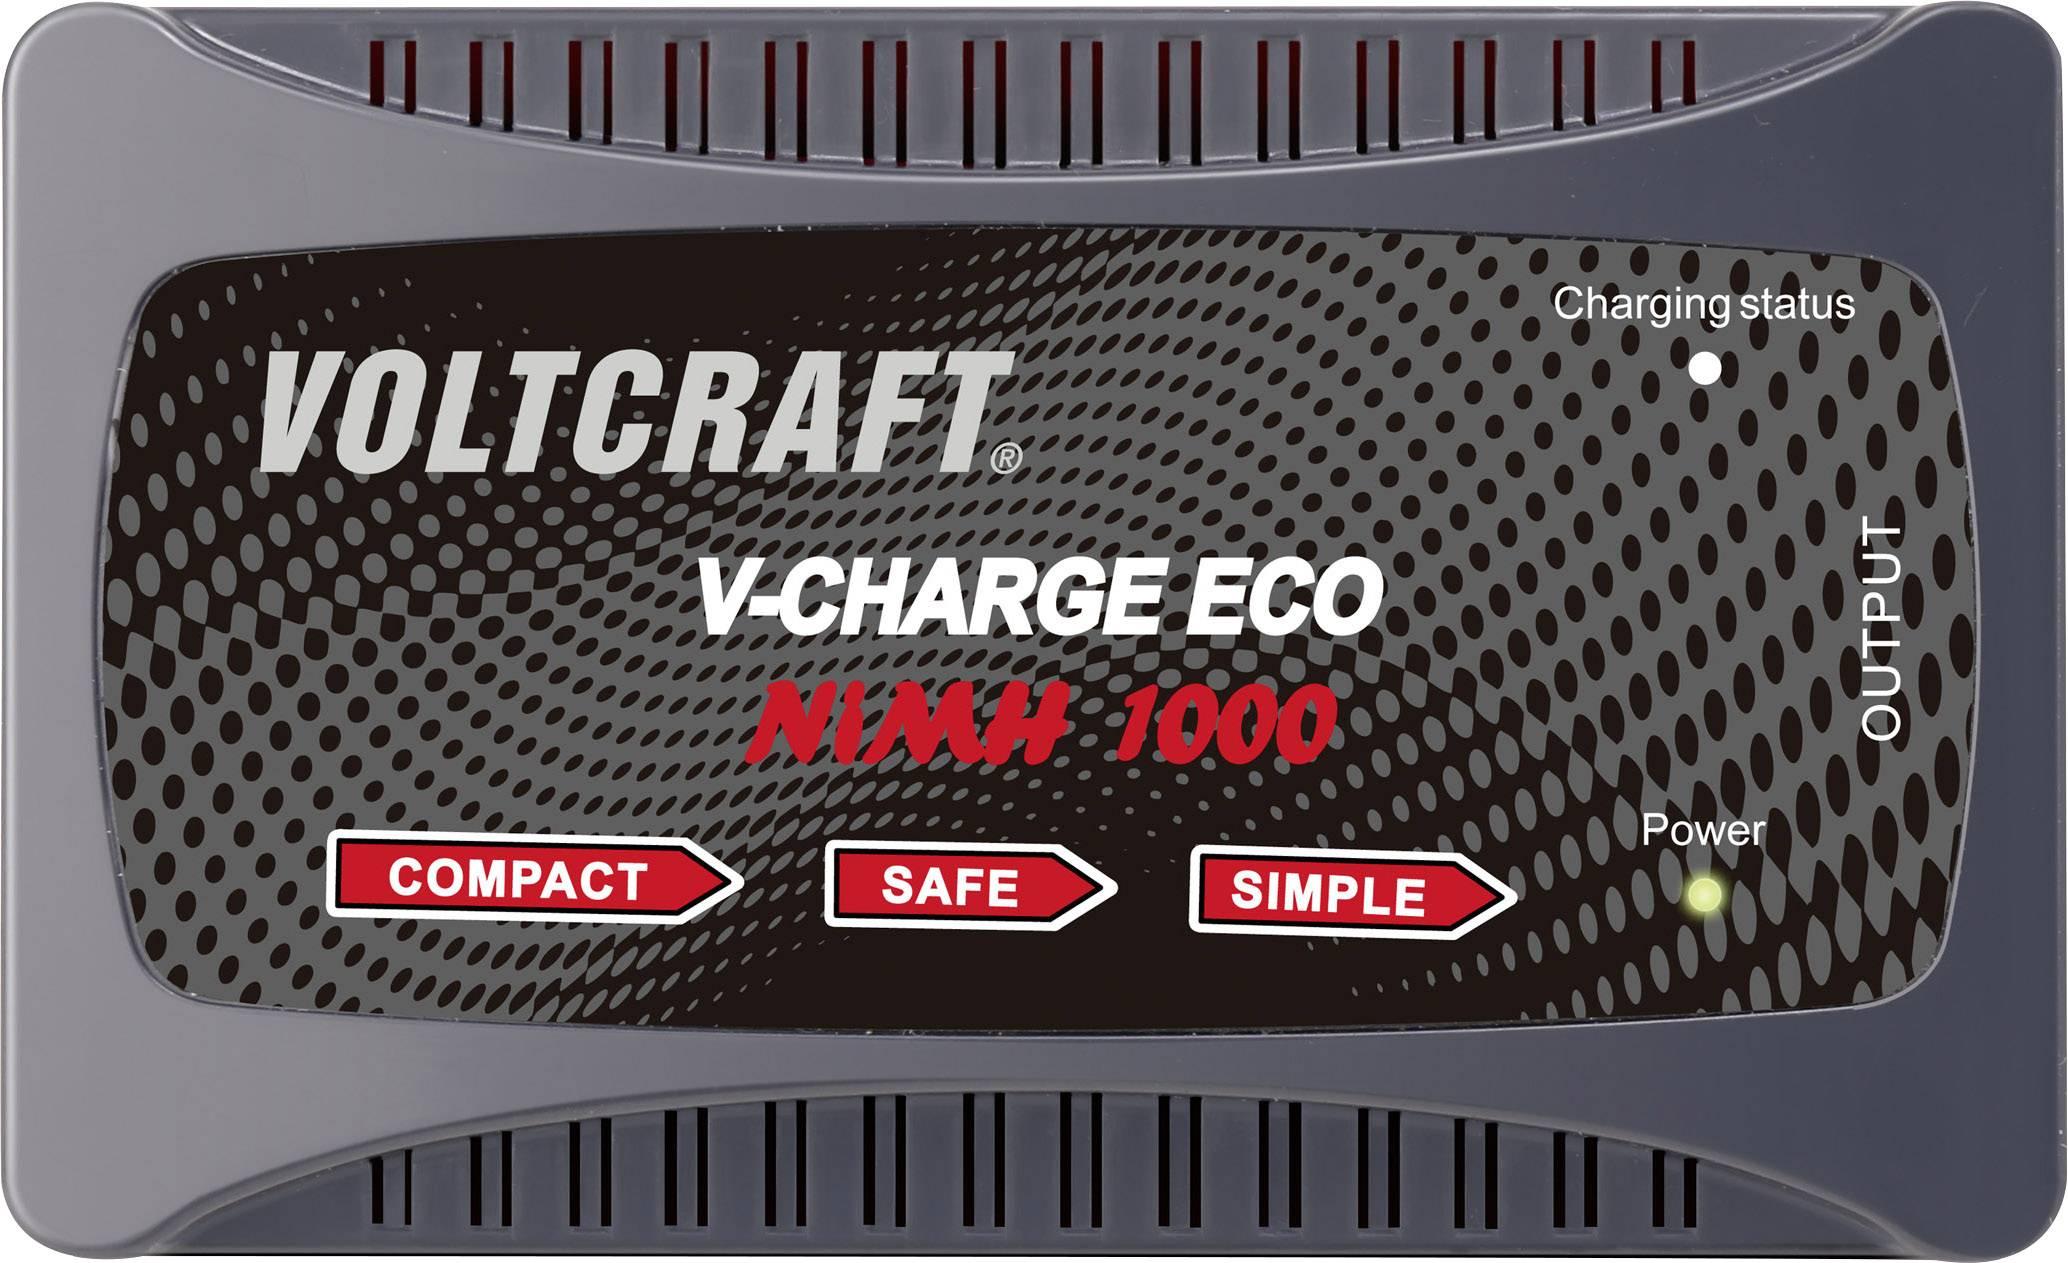 Modelárska nabíjačka VOLTCRAFT Eco NiMh 1000 1460625, 230 V, 1 A